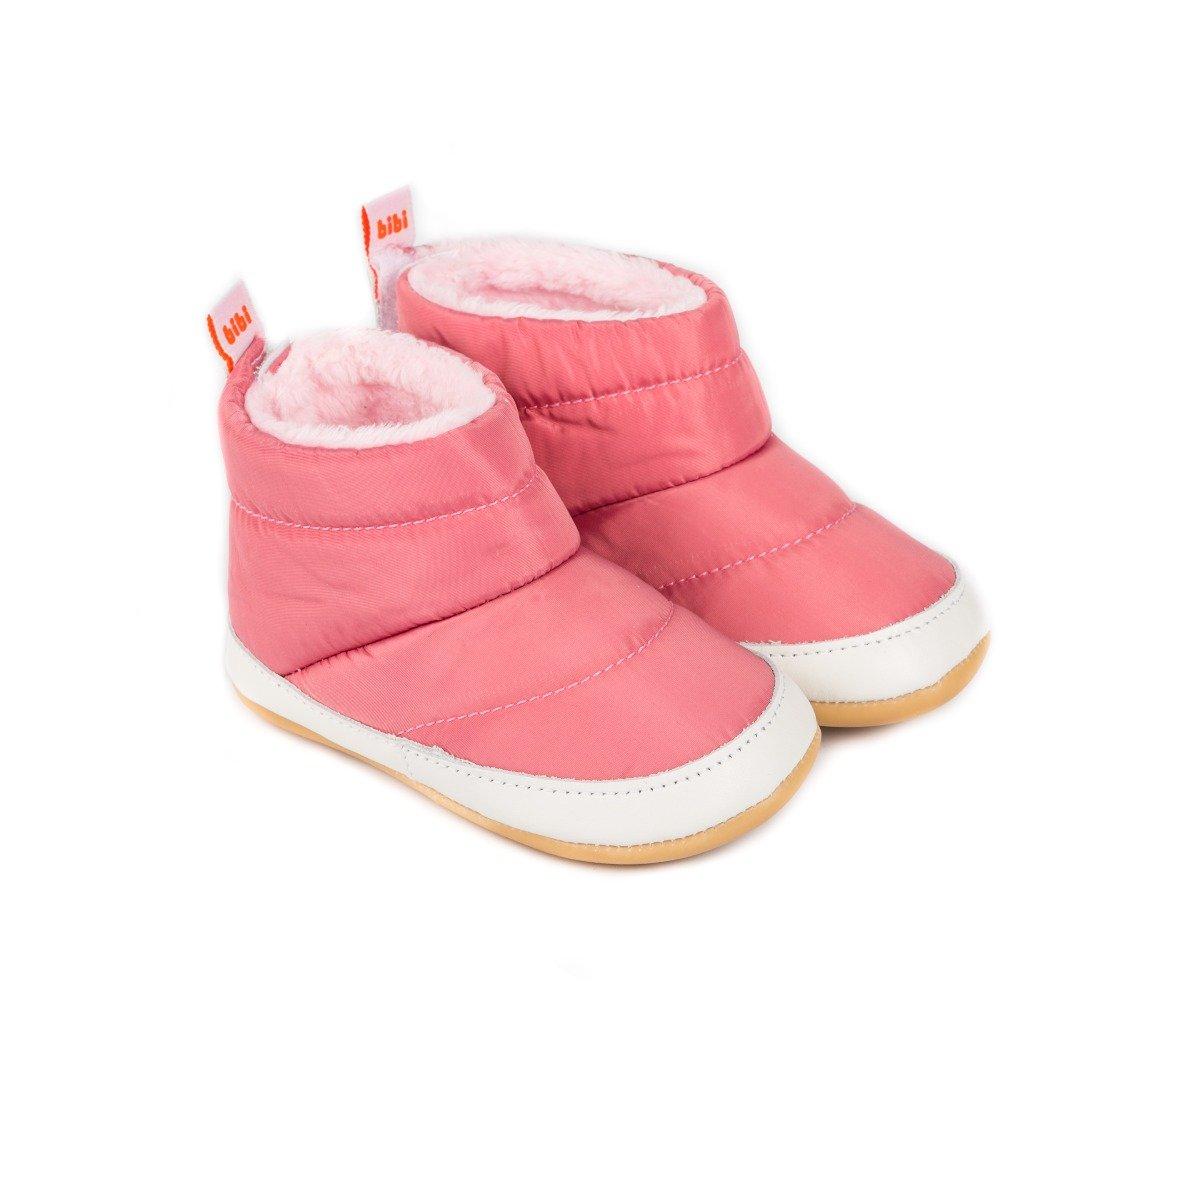 Ghete cu blanita Bibi Shoes Afeto Joy